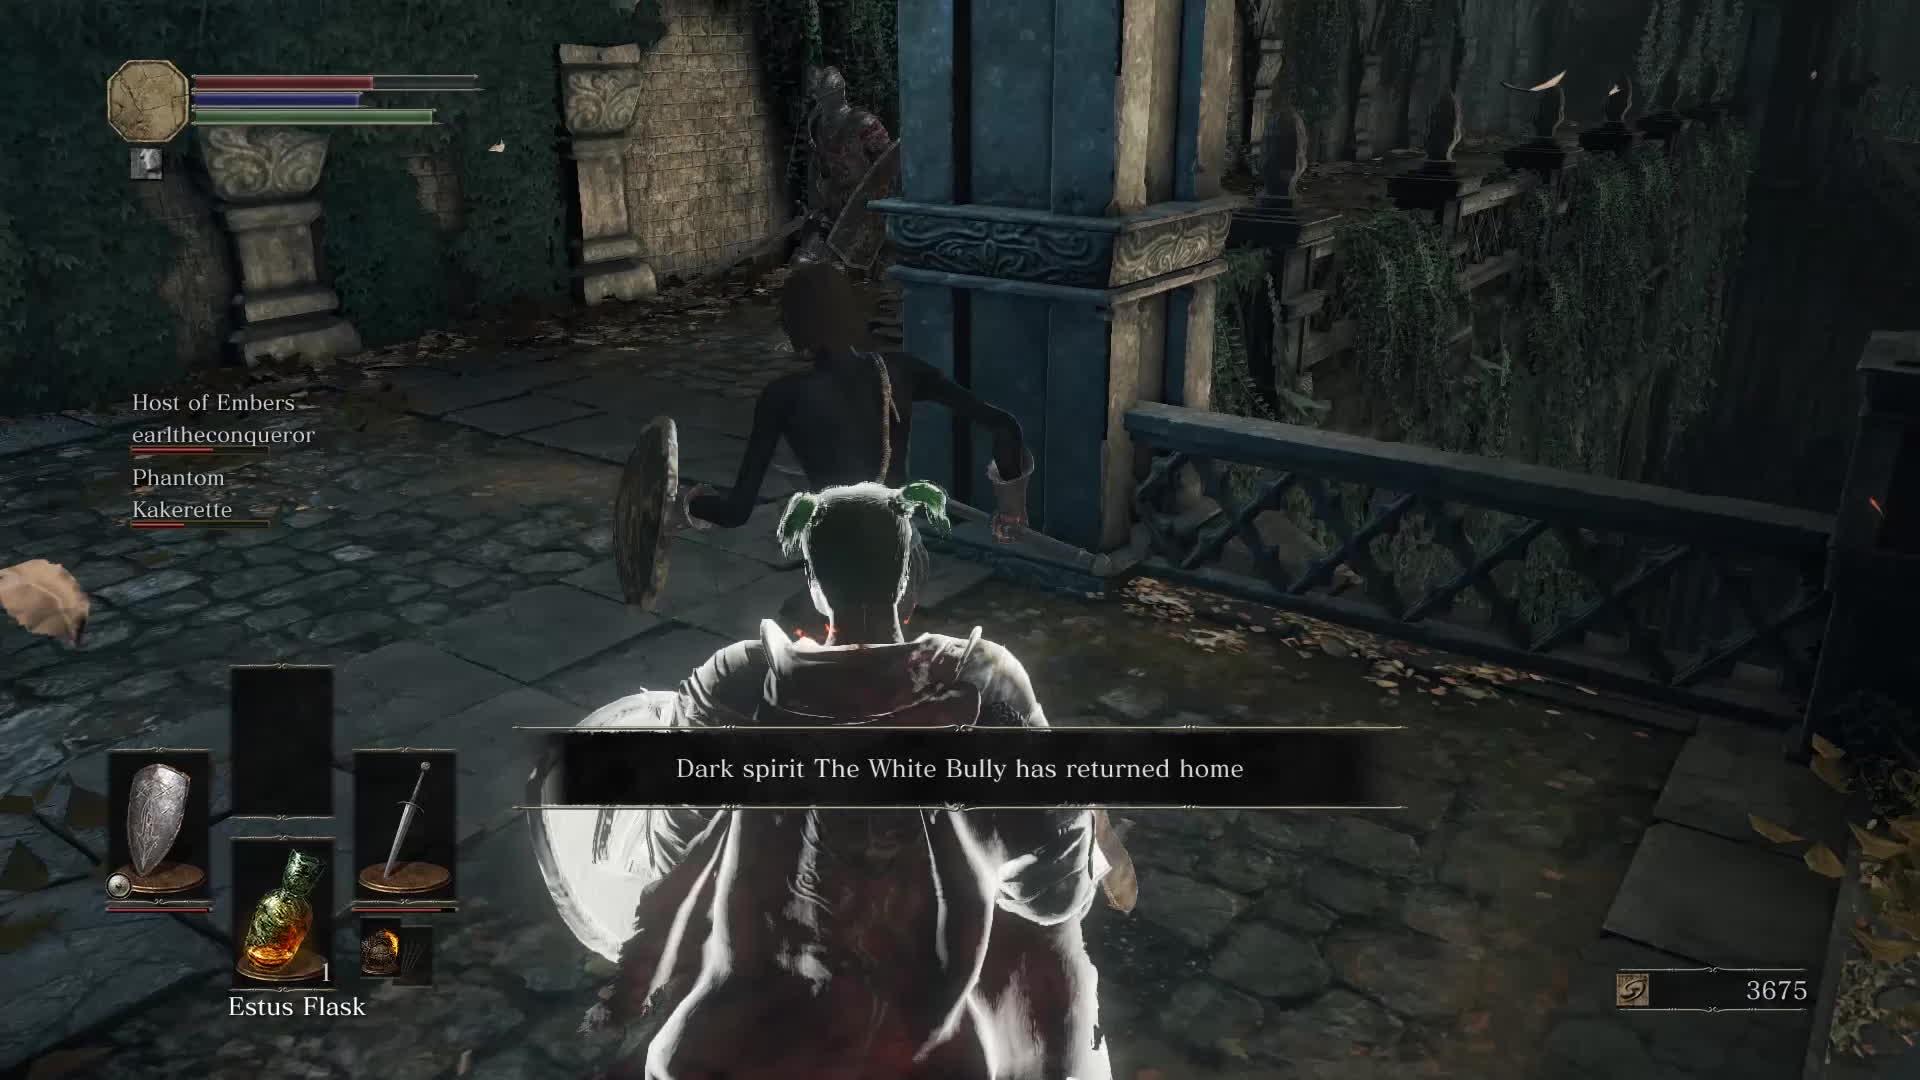 darksouls3, Dark Souls 3 - Double Backstab GIFs